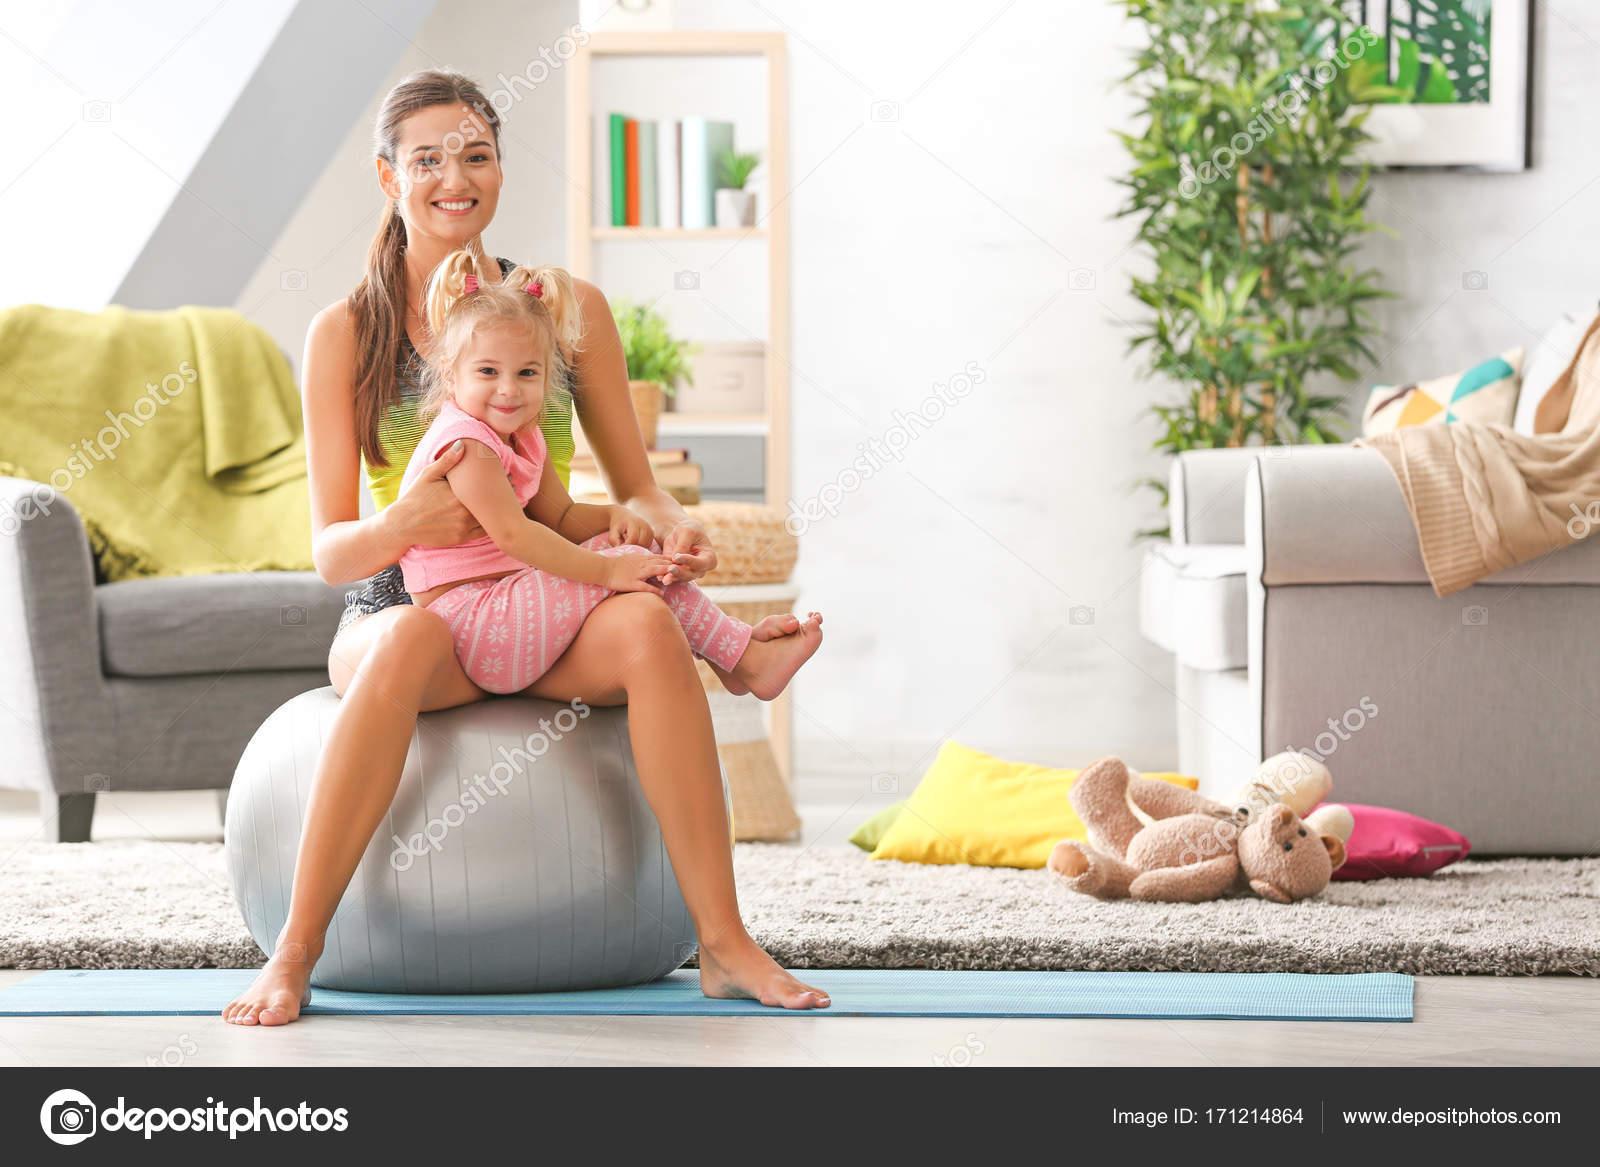 Секс в вагину дочки, Отец заботливо трахает дочь в узкую вагину 27 фотография